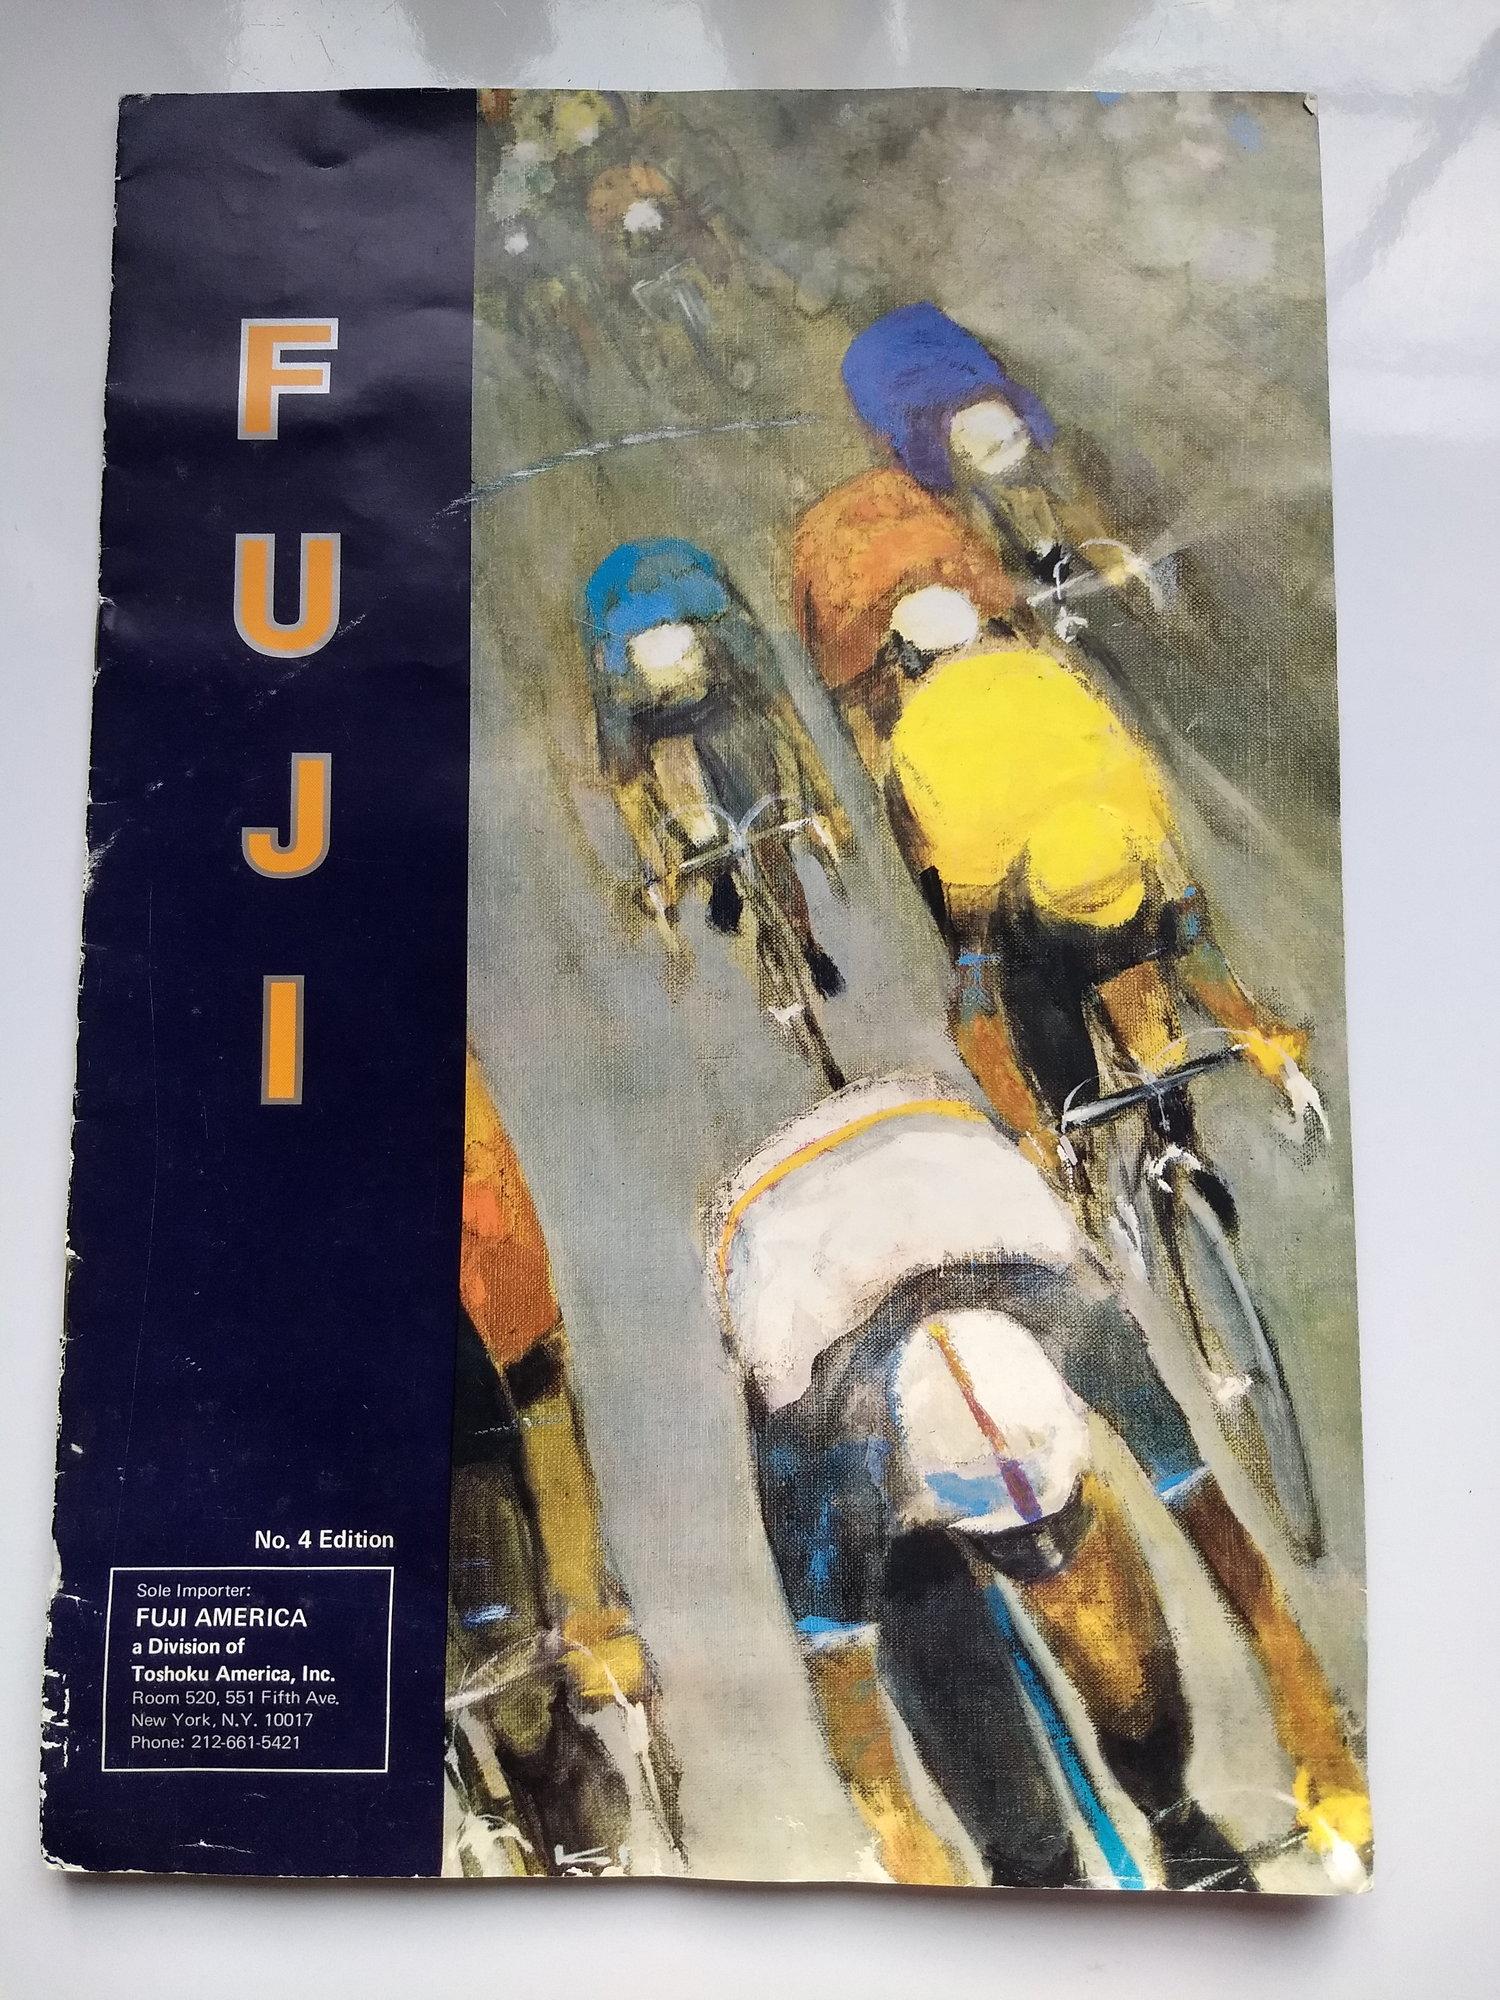 Dating Fuji fietsen